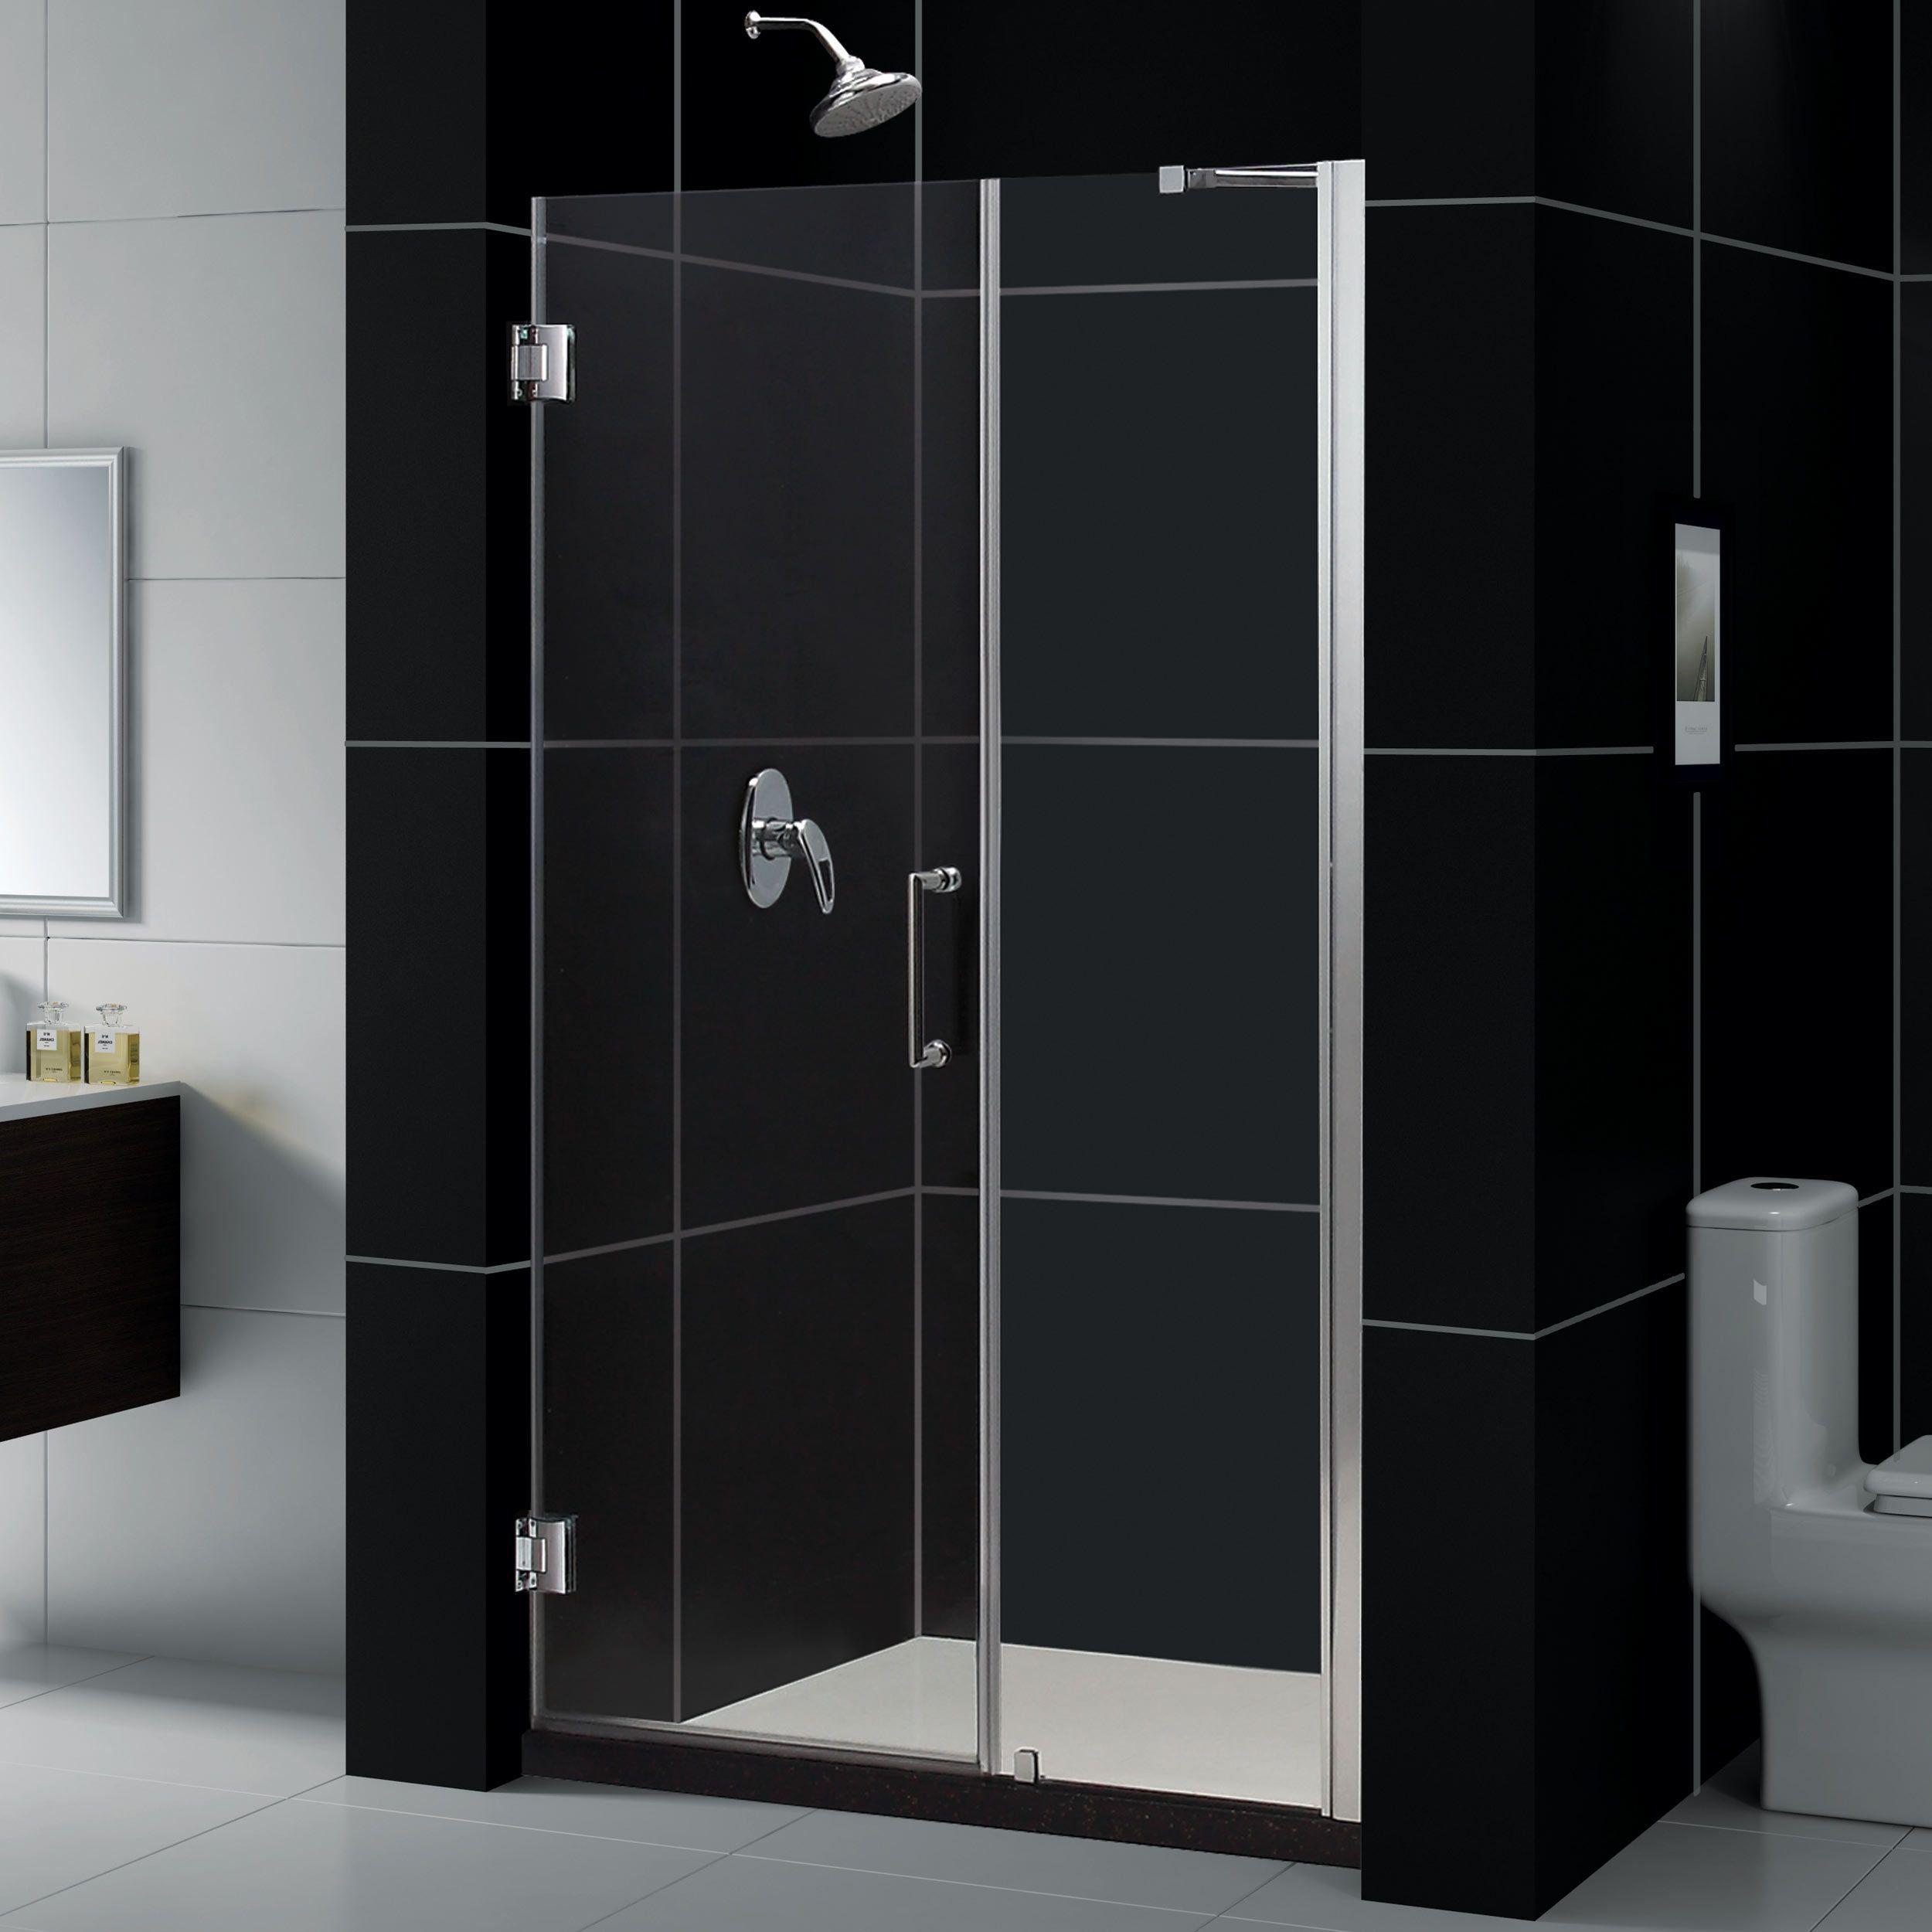 Dreamline Unidoor 51 52 In W X 72 In H Hinged Shower Door With